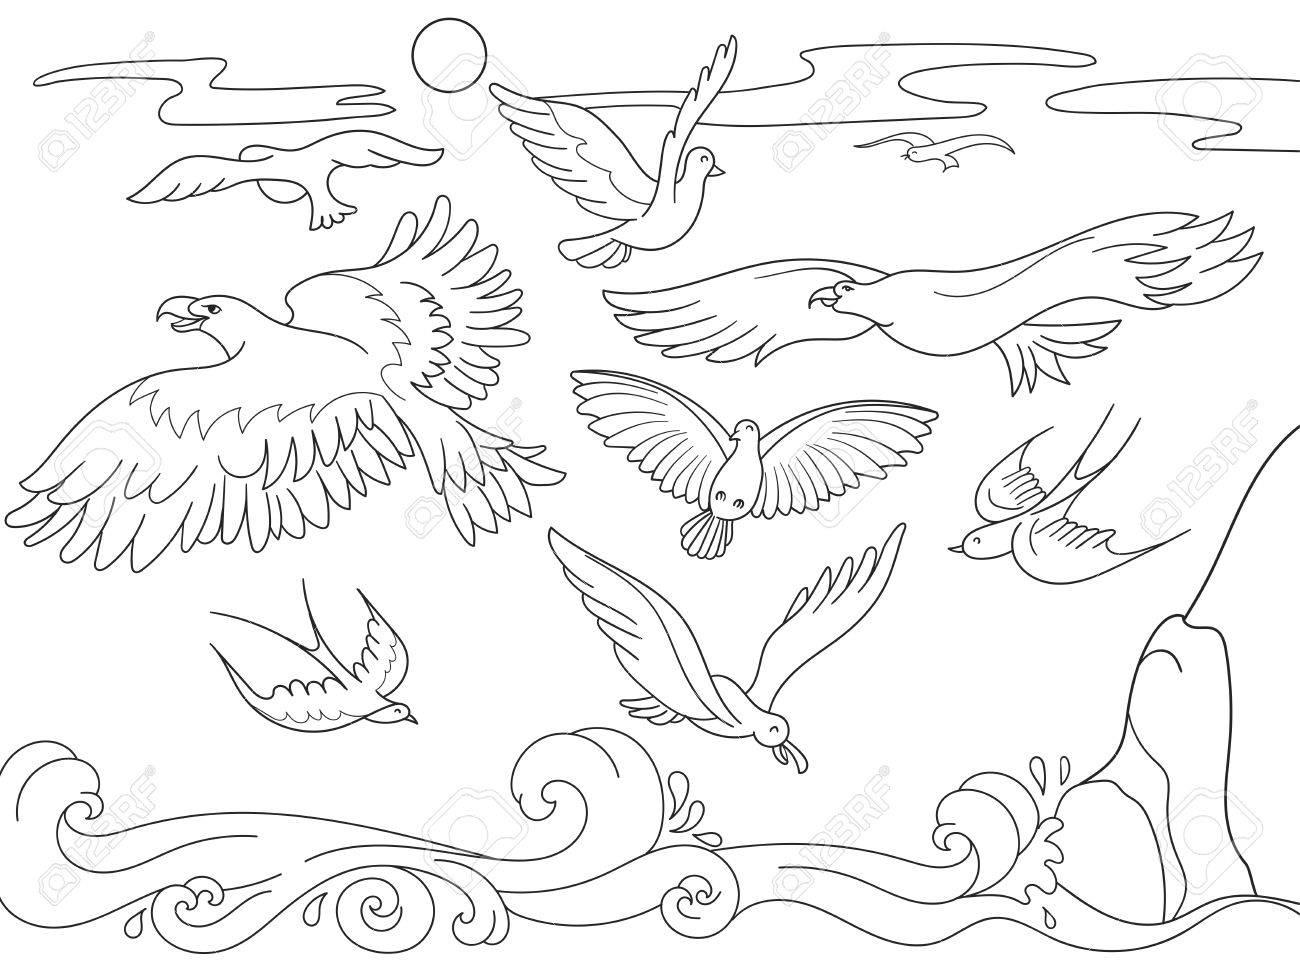 Dibujos Animados De Libro Para Colorear Para Niños Sobre El Mar Vuelan Pájaros De Diferentes Clases Líneas Blancas Y Negras